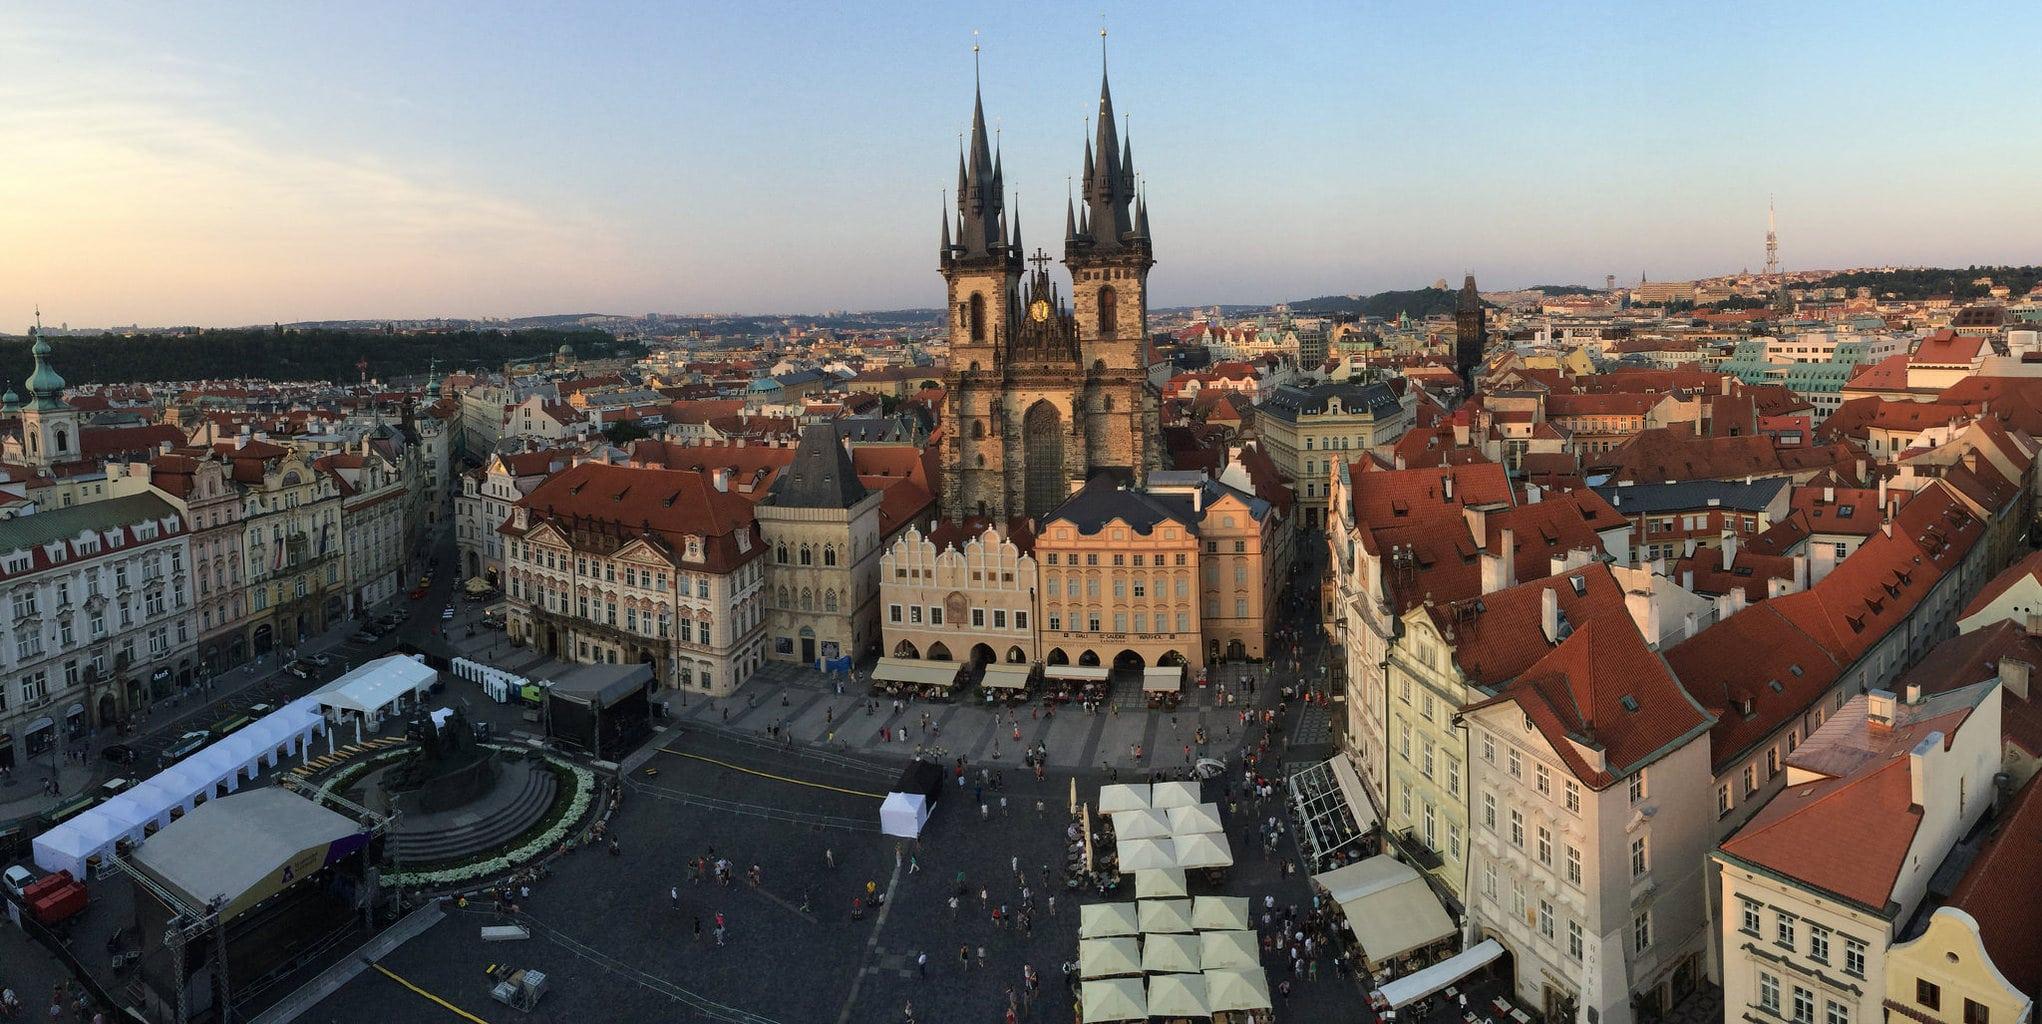 Juan Ortega_Atardecer en la plaza de la ciudad vieja de Praga